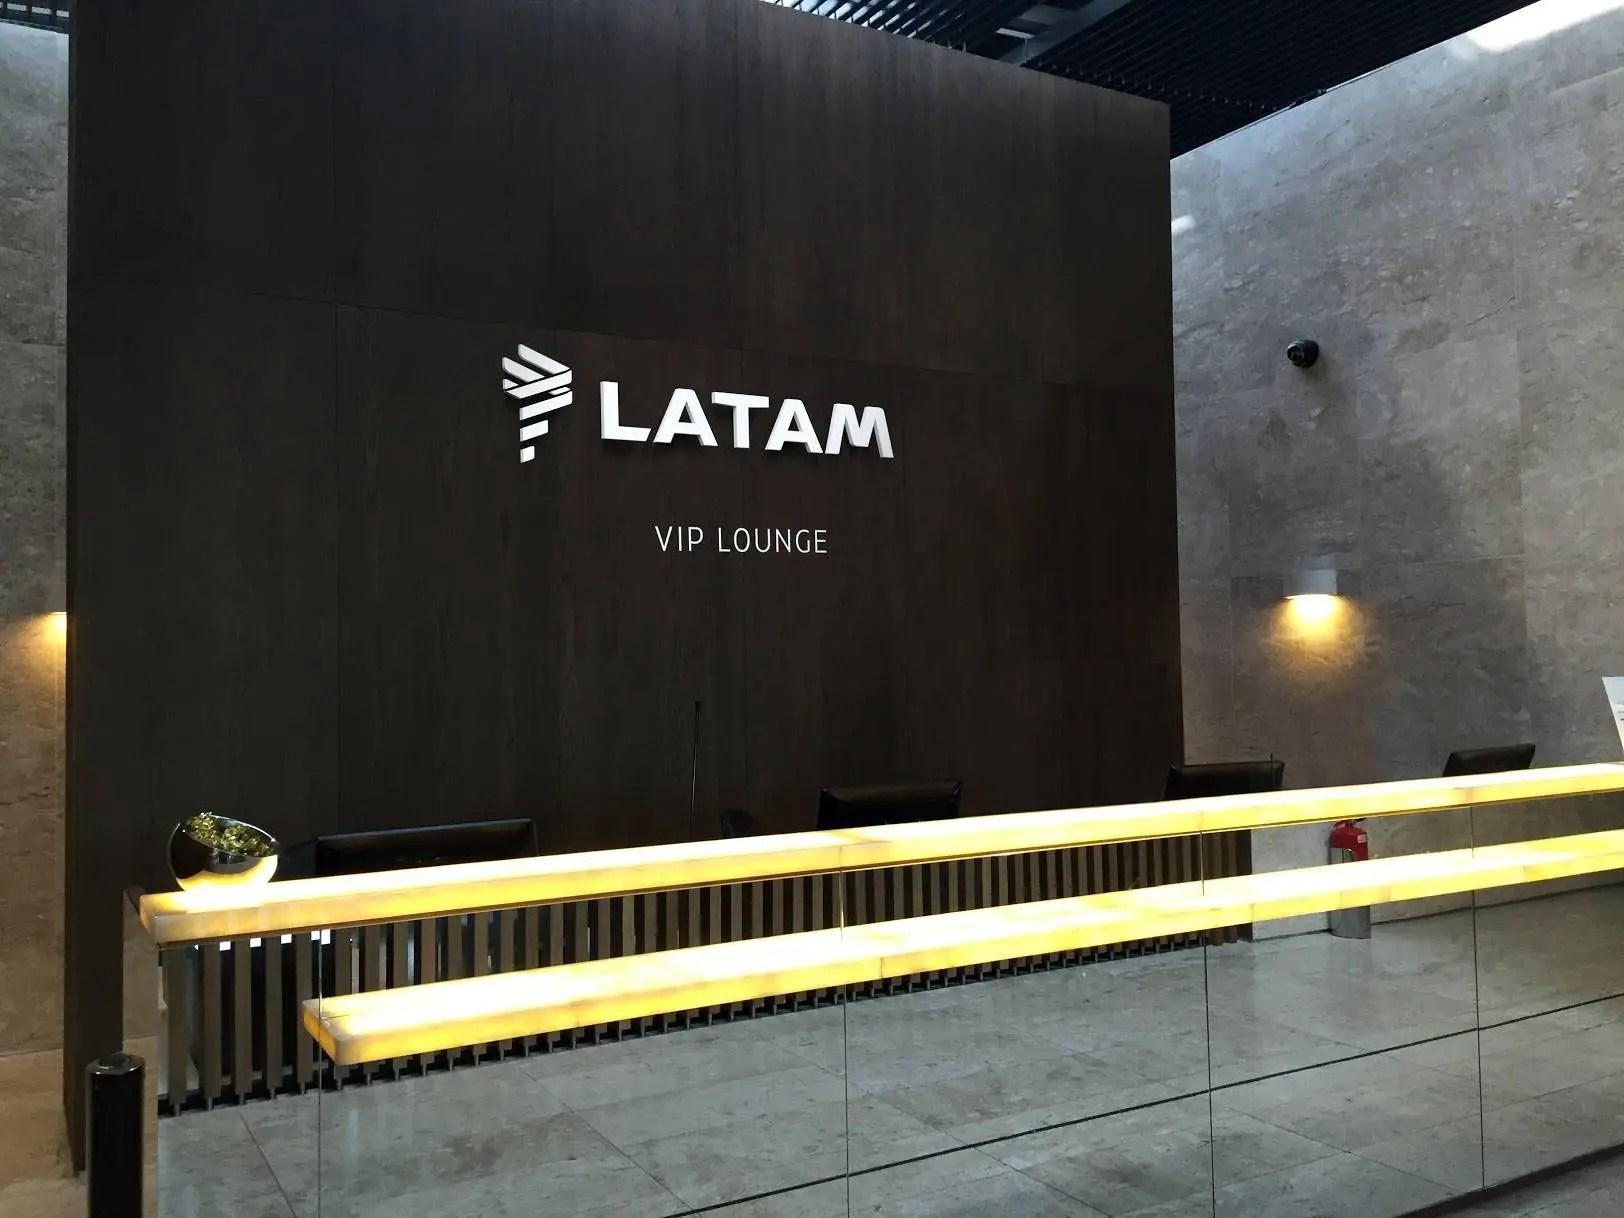 LATAM_viplounge_dentro